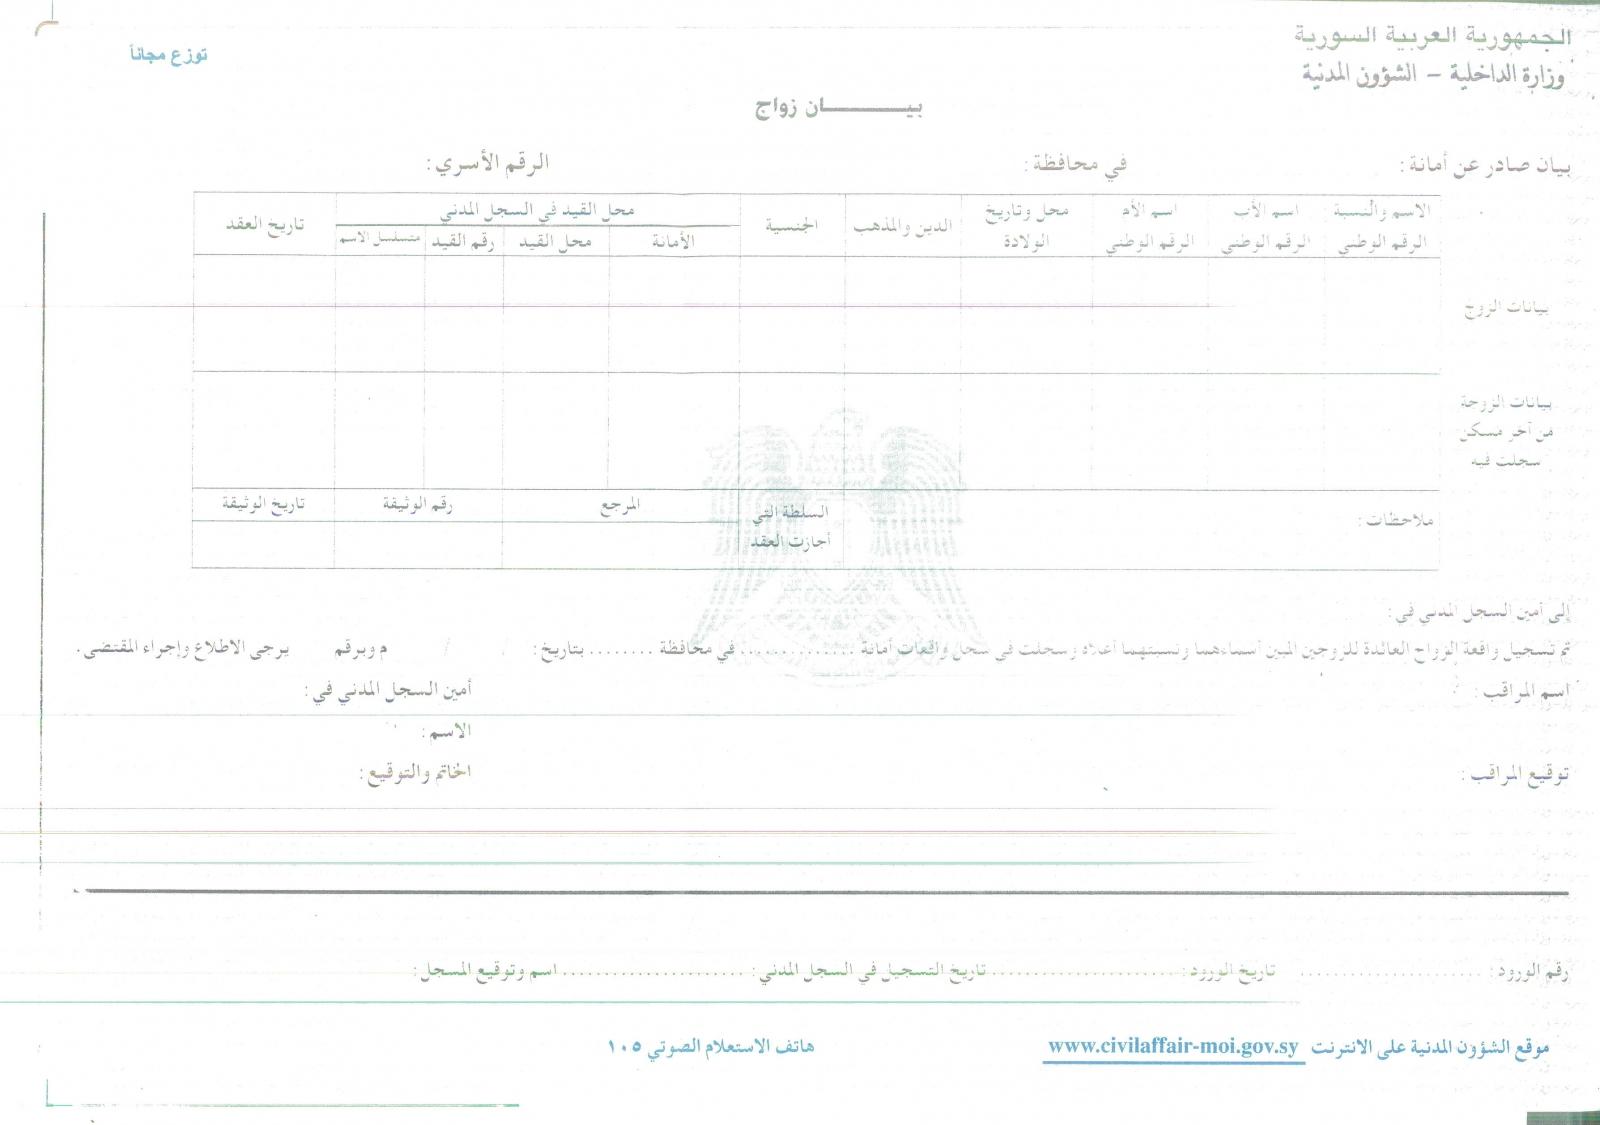 خدمات الزواج فى مصر pdf